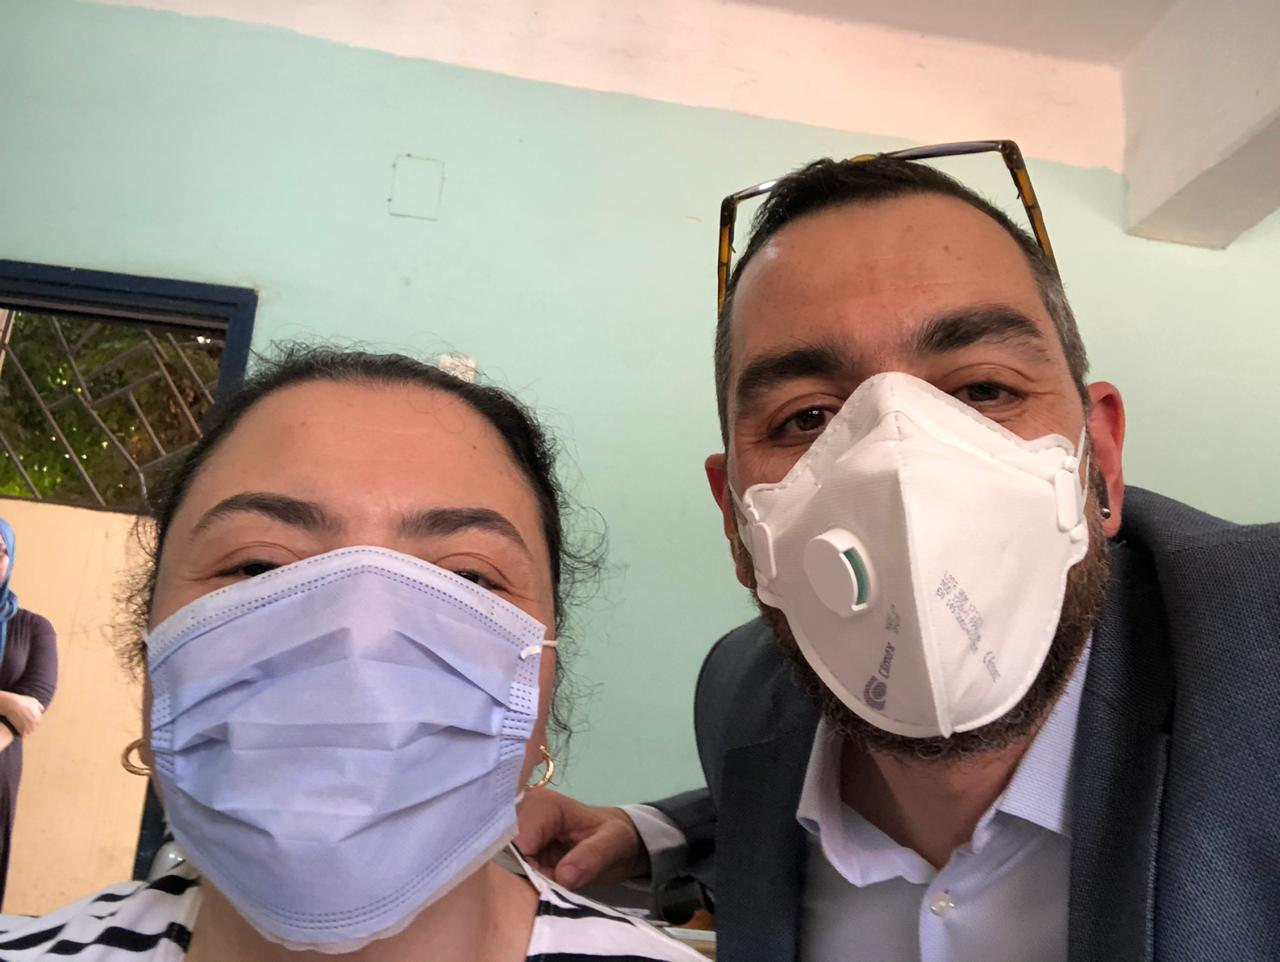 سيلفي النائب محمد فؤاد مع شقيقته دينا بعد انتخابات مجلس الشيوخ